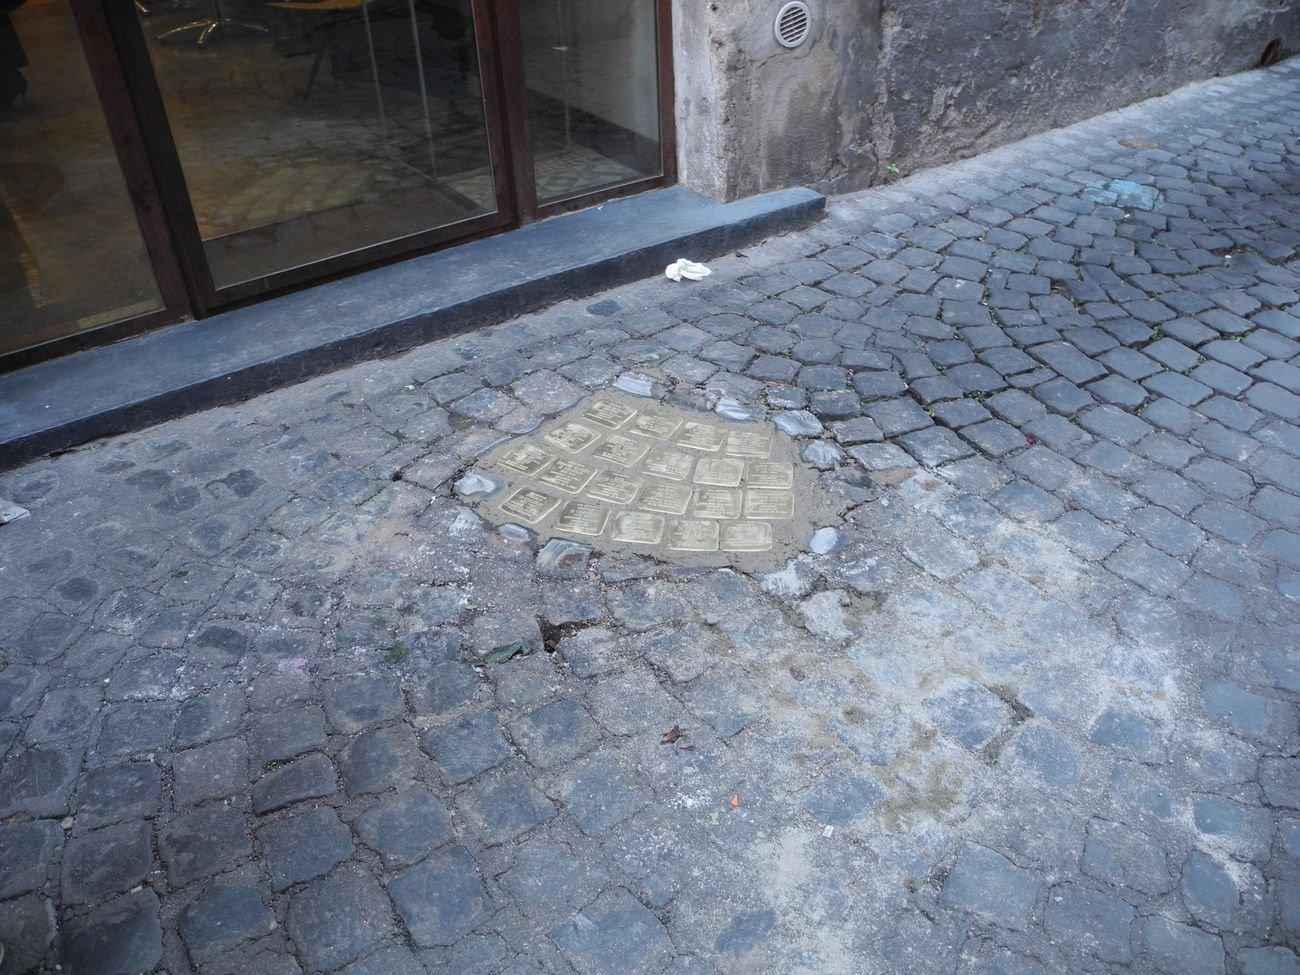 Gunter Demnig, Pietre d'inciampo, Roma. Photo Gabriella De Marco